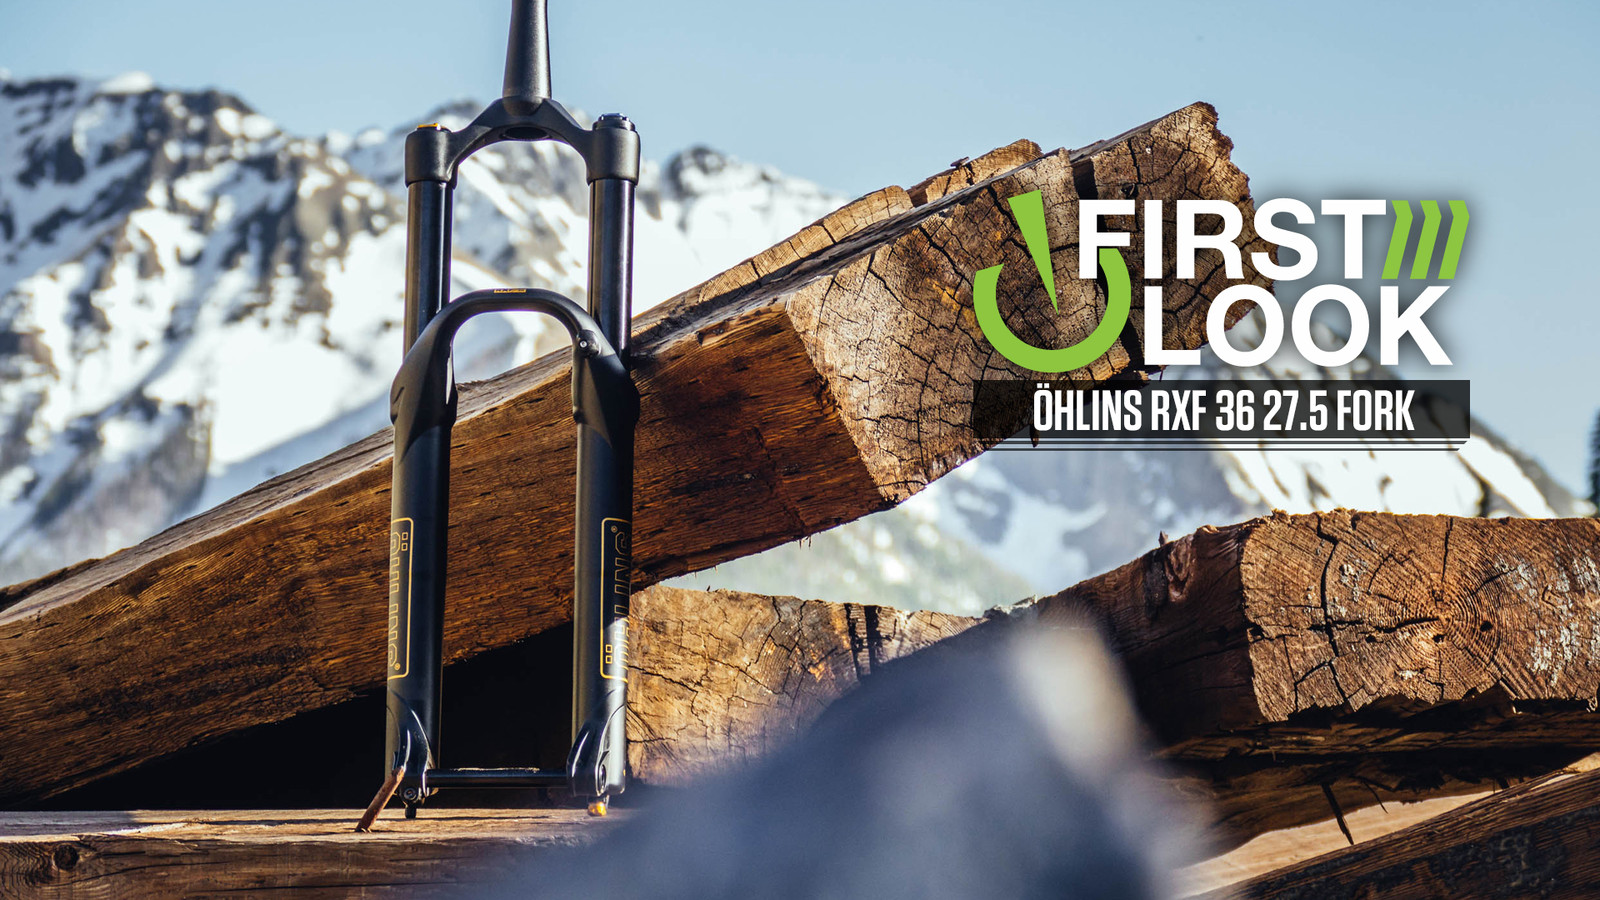 Öhlins RXF36 Fork - Reviews, Comparisons, Specs - Mountain